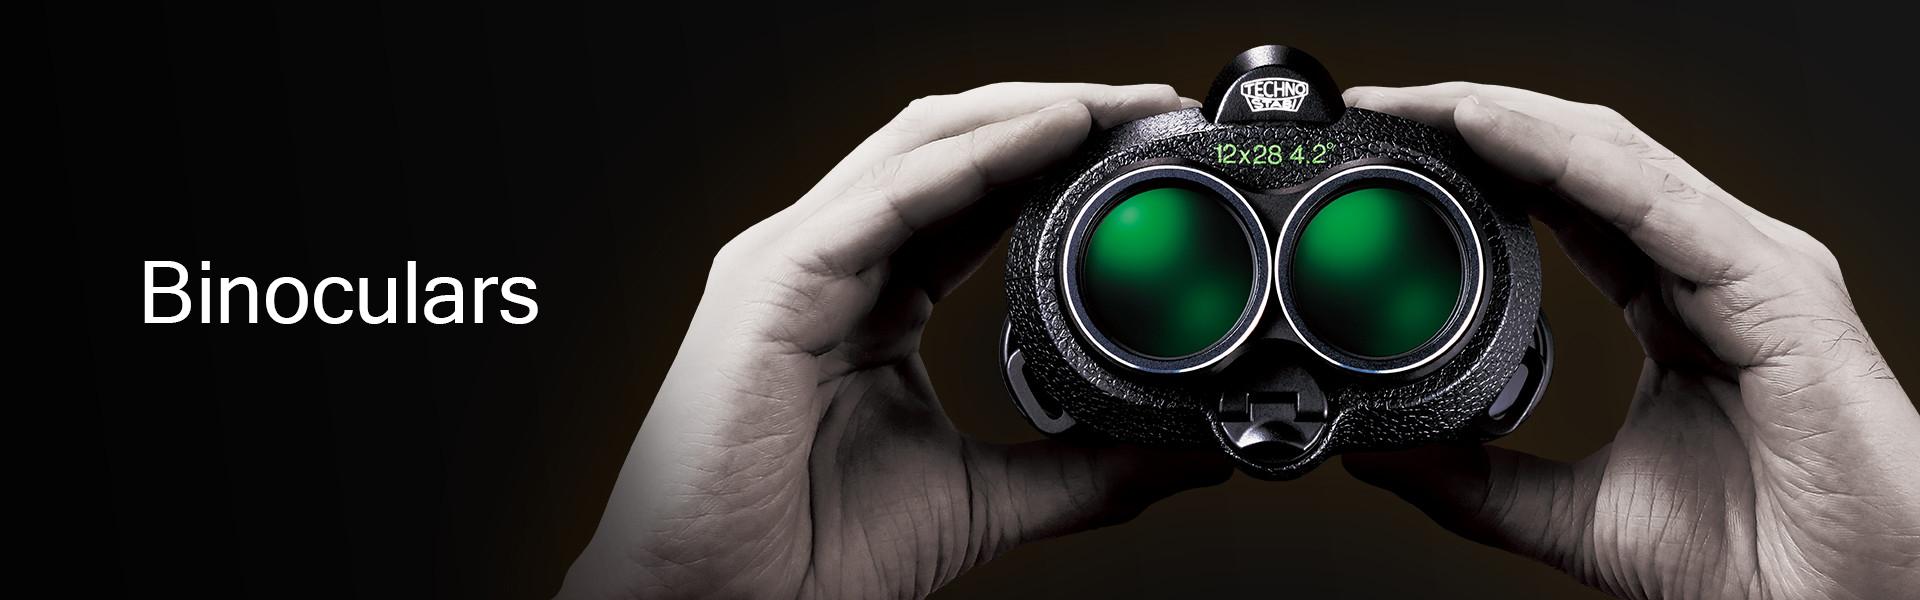 [사진] 그린 렌즈를 사용한 Techno-Stabi 시리즈 쌍안경을 두 손으로 잡고 있는 모습